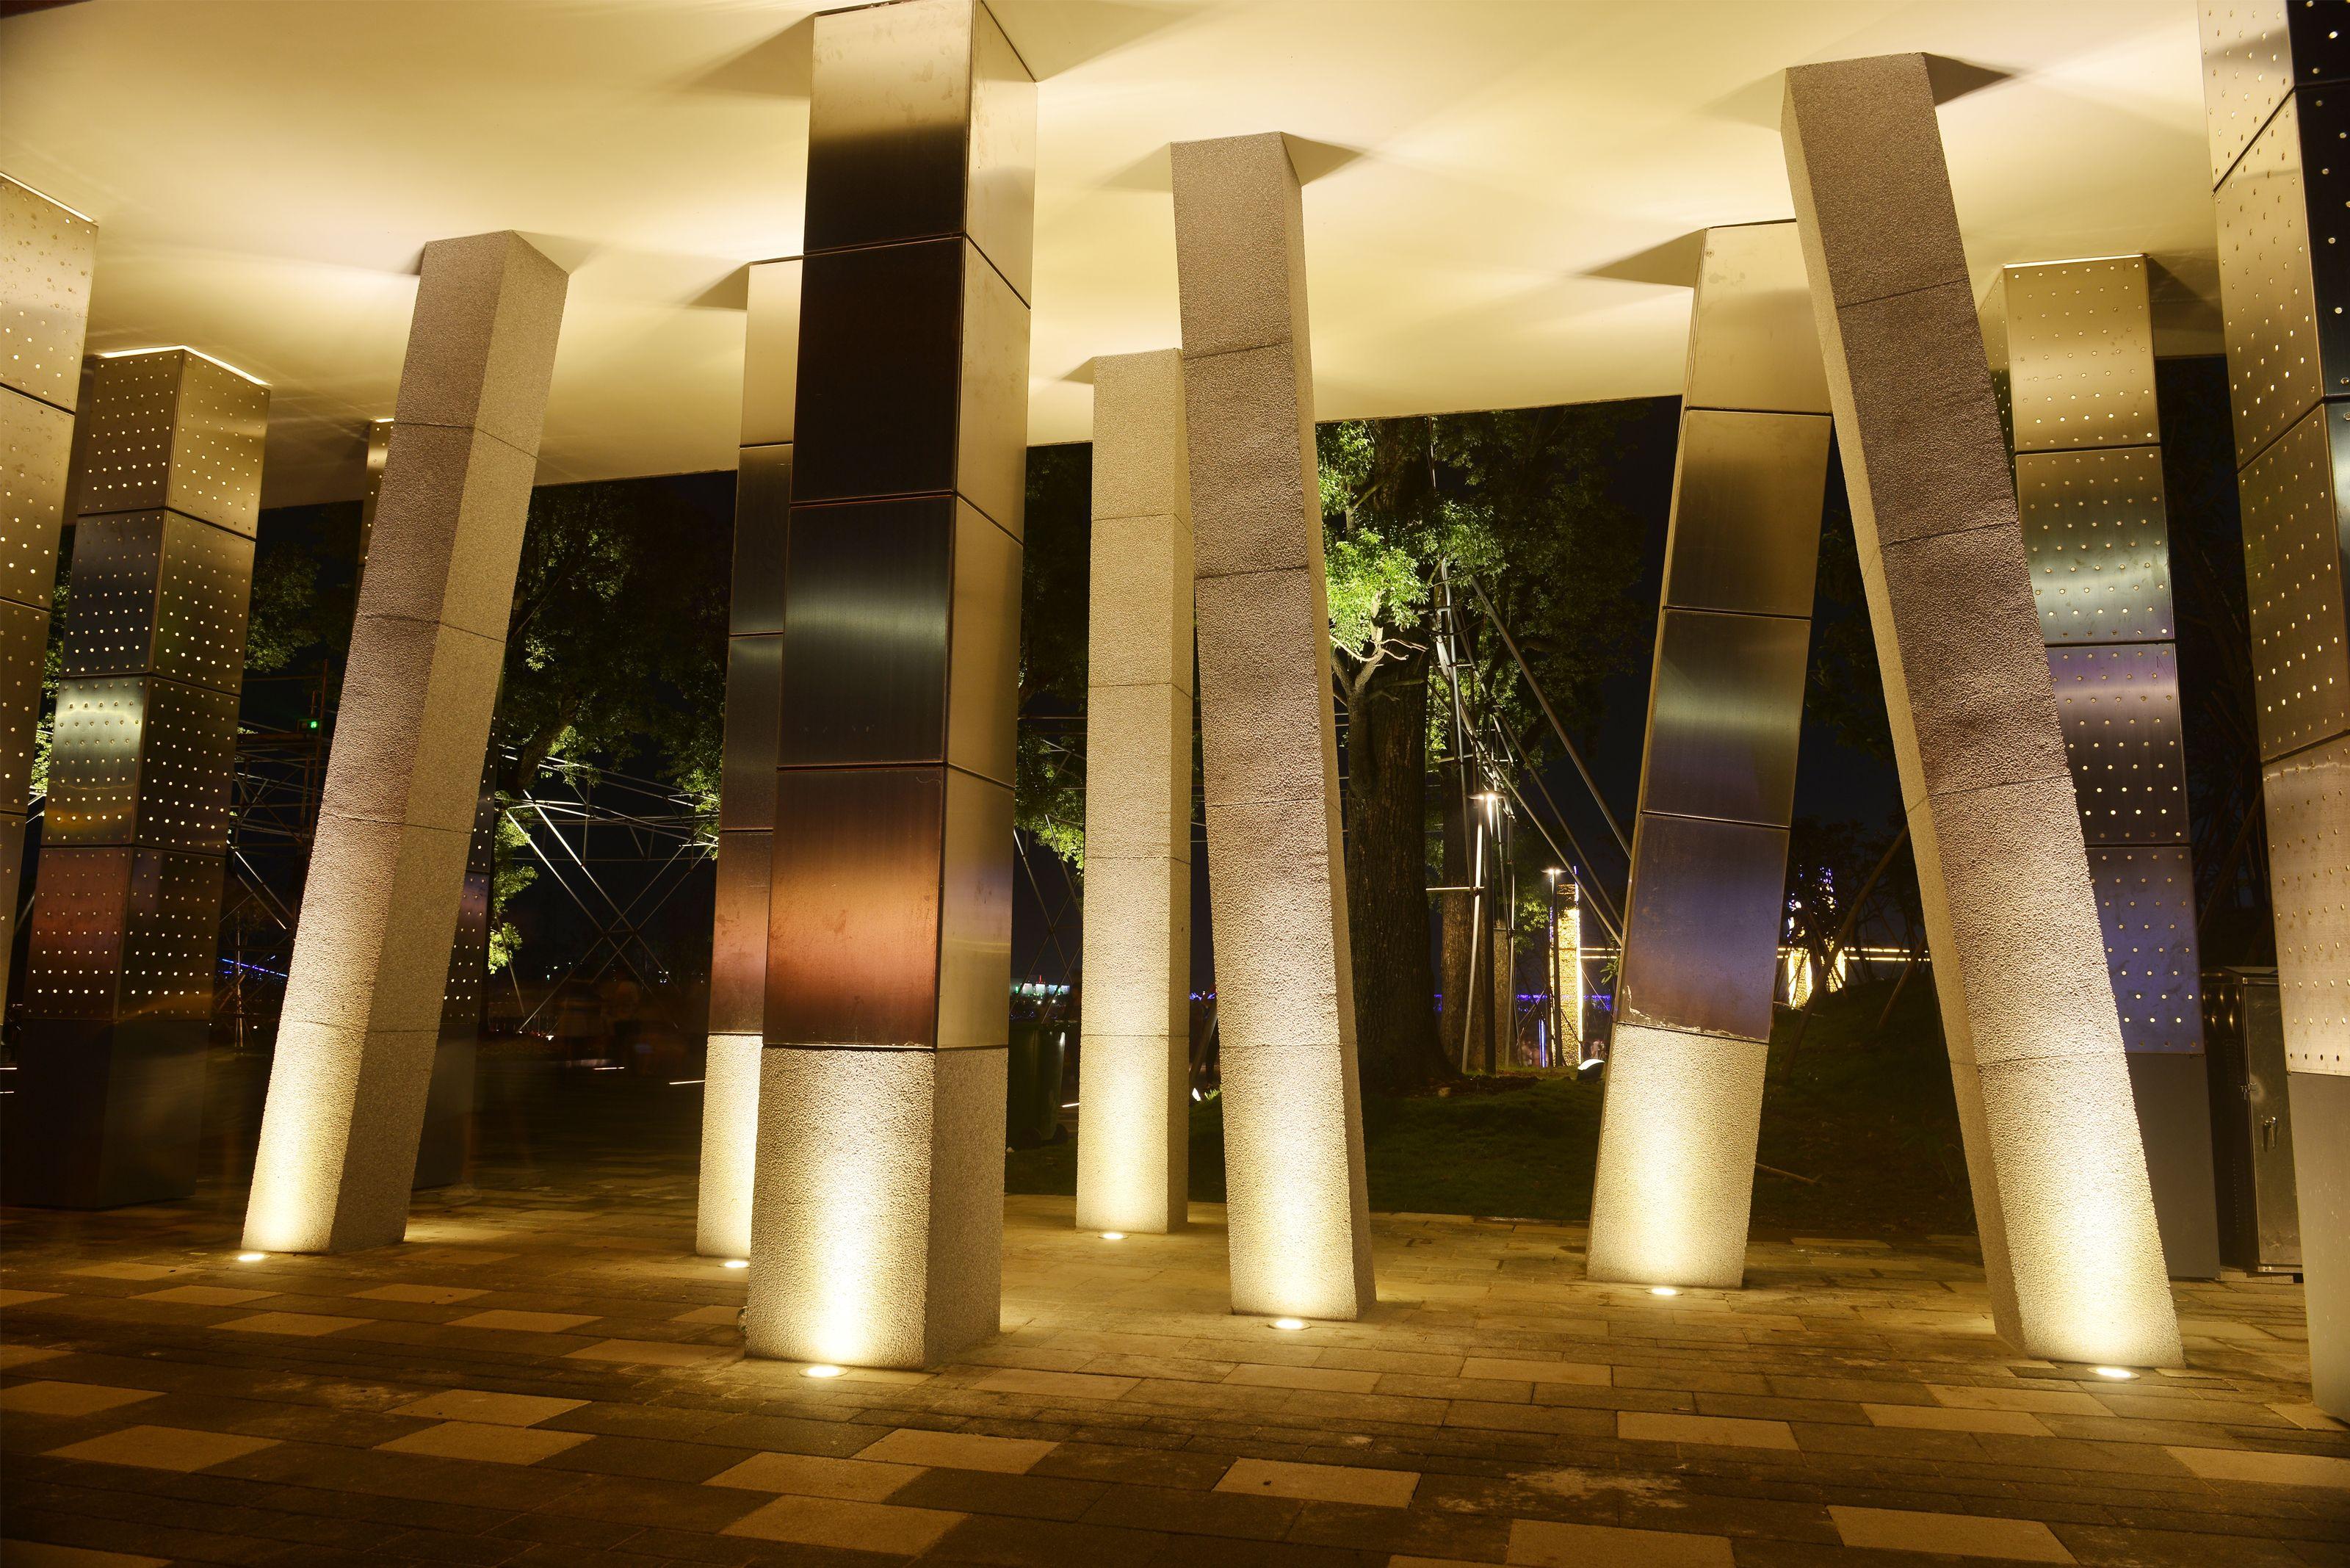 sherwood-3-mj-lighting-v2-3